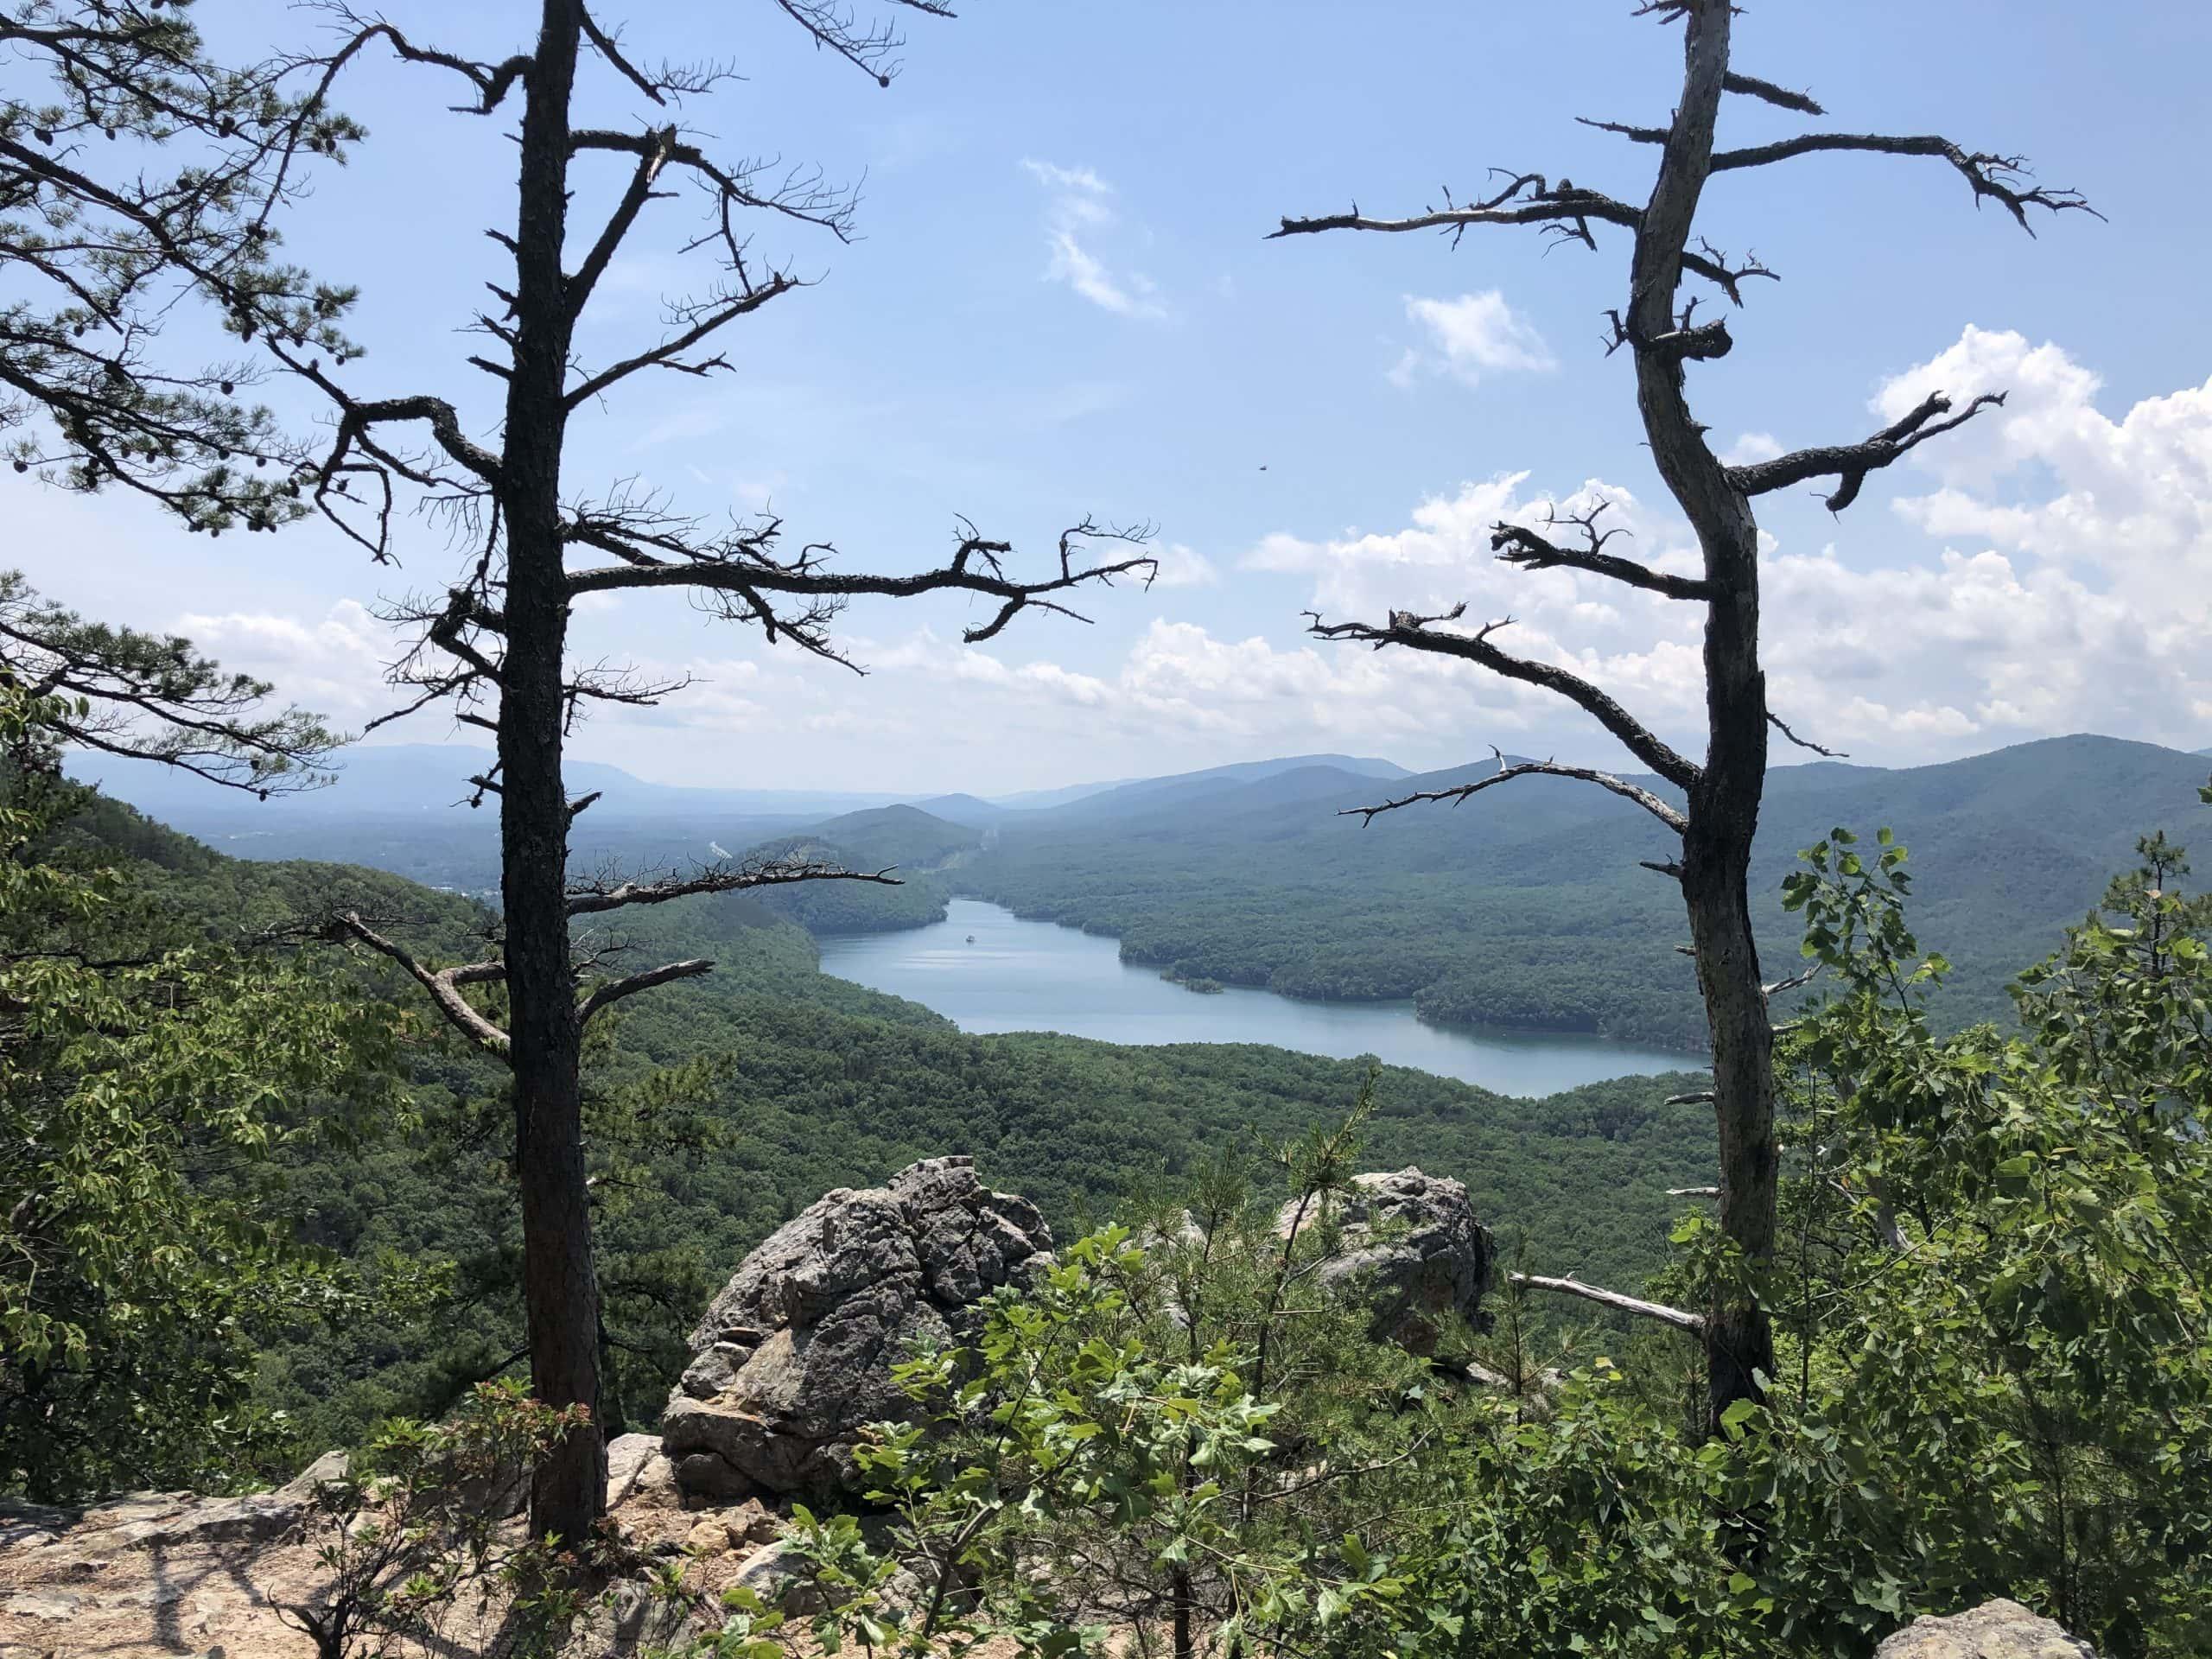 Hay Rock Via Appalachian Trail - Yoanoke